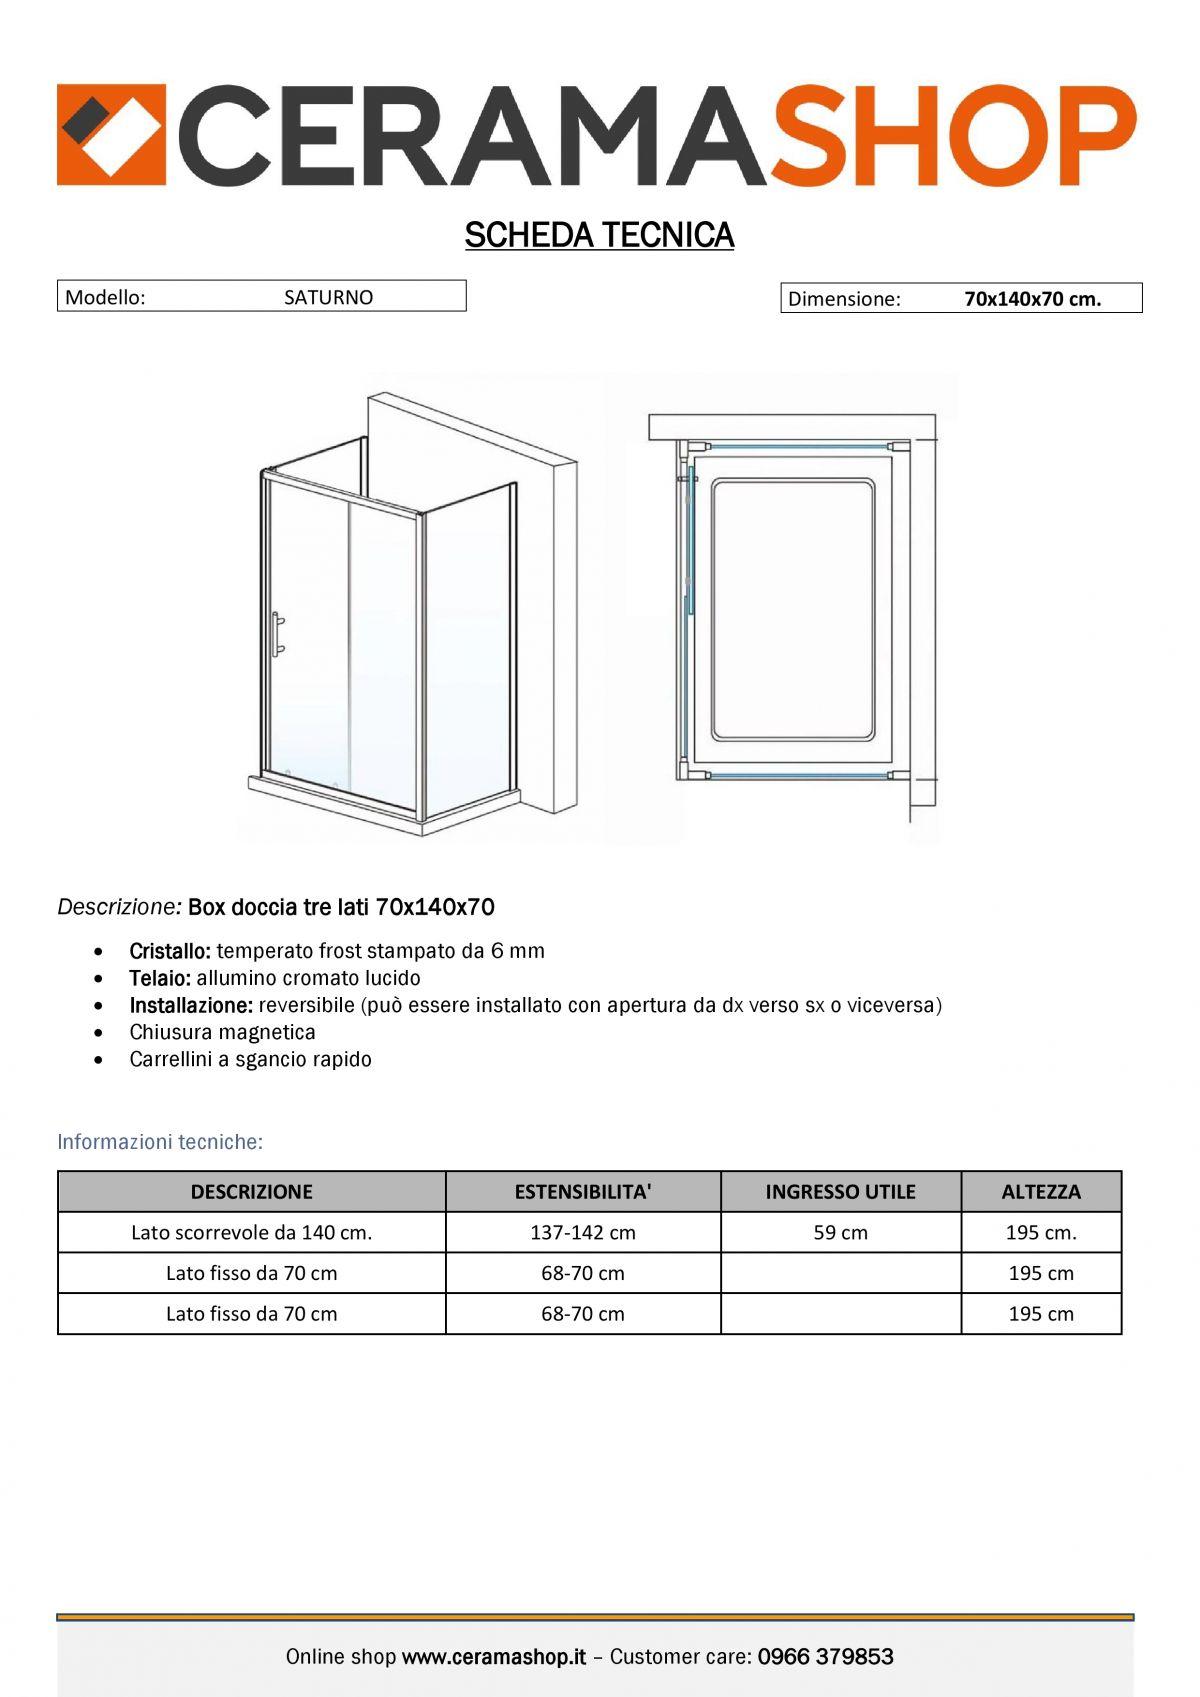 """70x140x70 000001 1 scaled Box Cabina doccia tre lati """"Saturno"""" 70x140x70 cm scorrevole cristallo satinato 6 mm"""